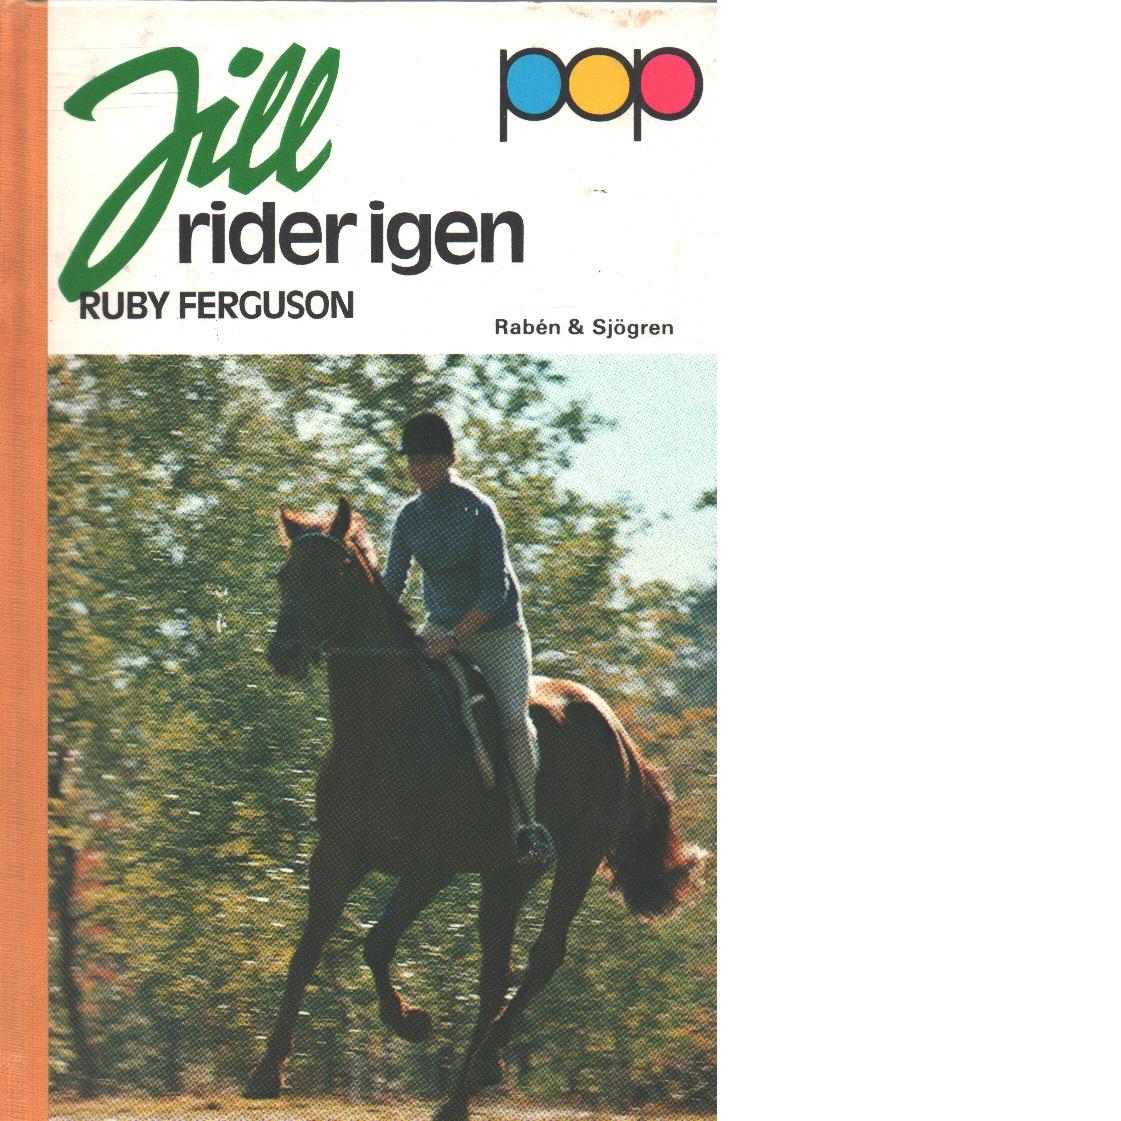 Jill rider igen - Ferguson, Ruby